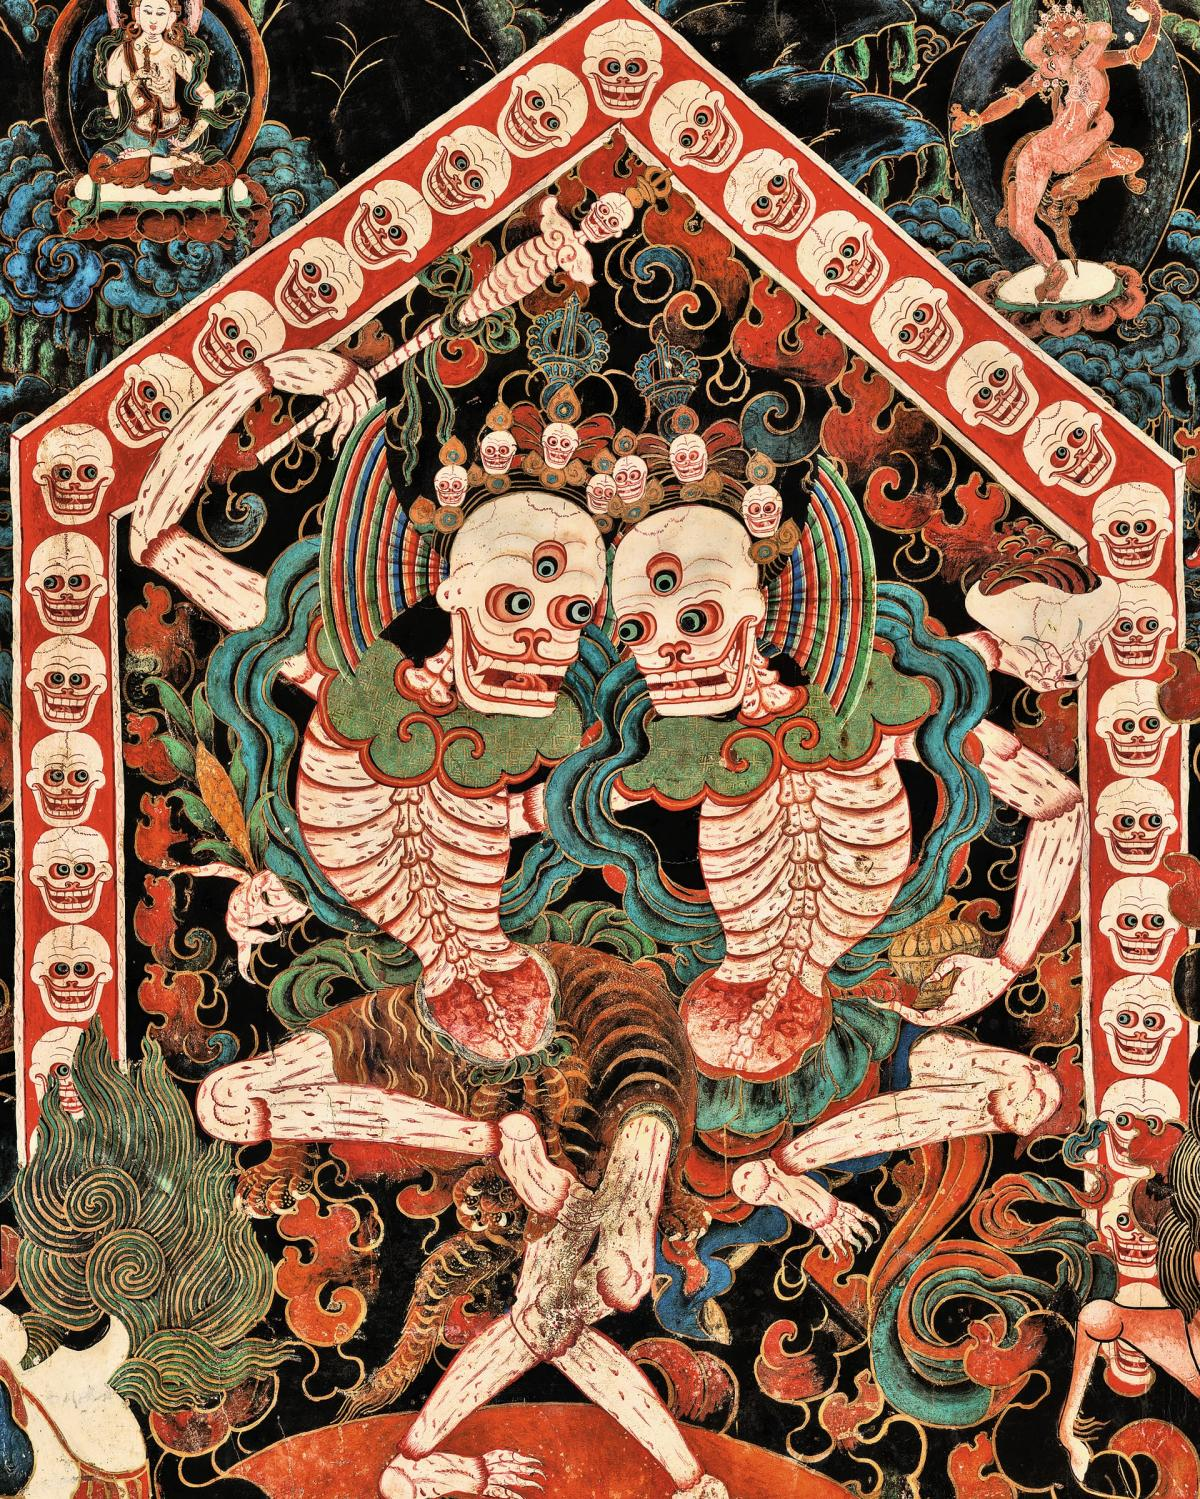 Фотограф сделал 998 копий древних тибетских фресок / theguardian.com